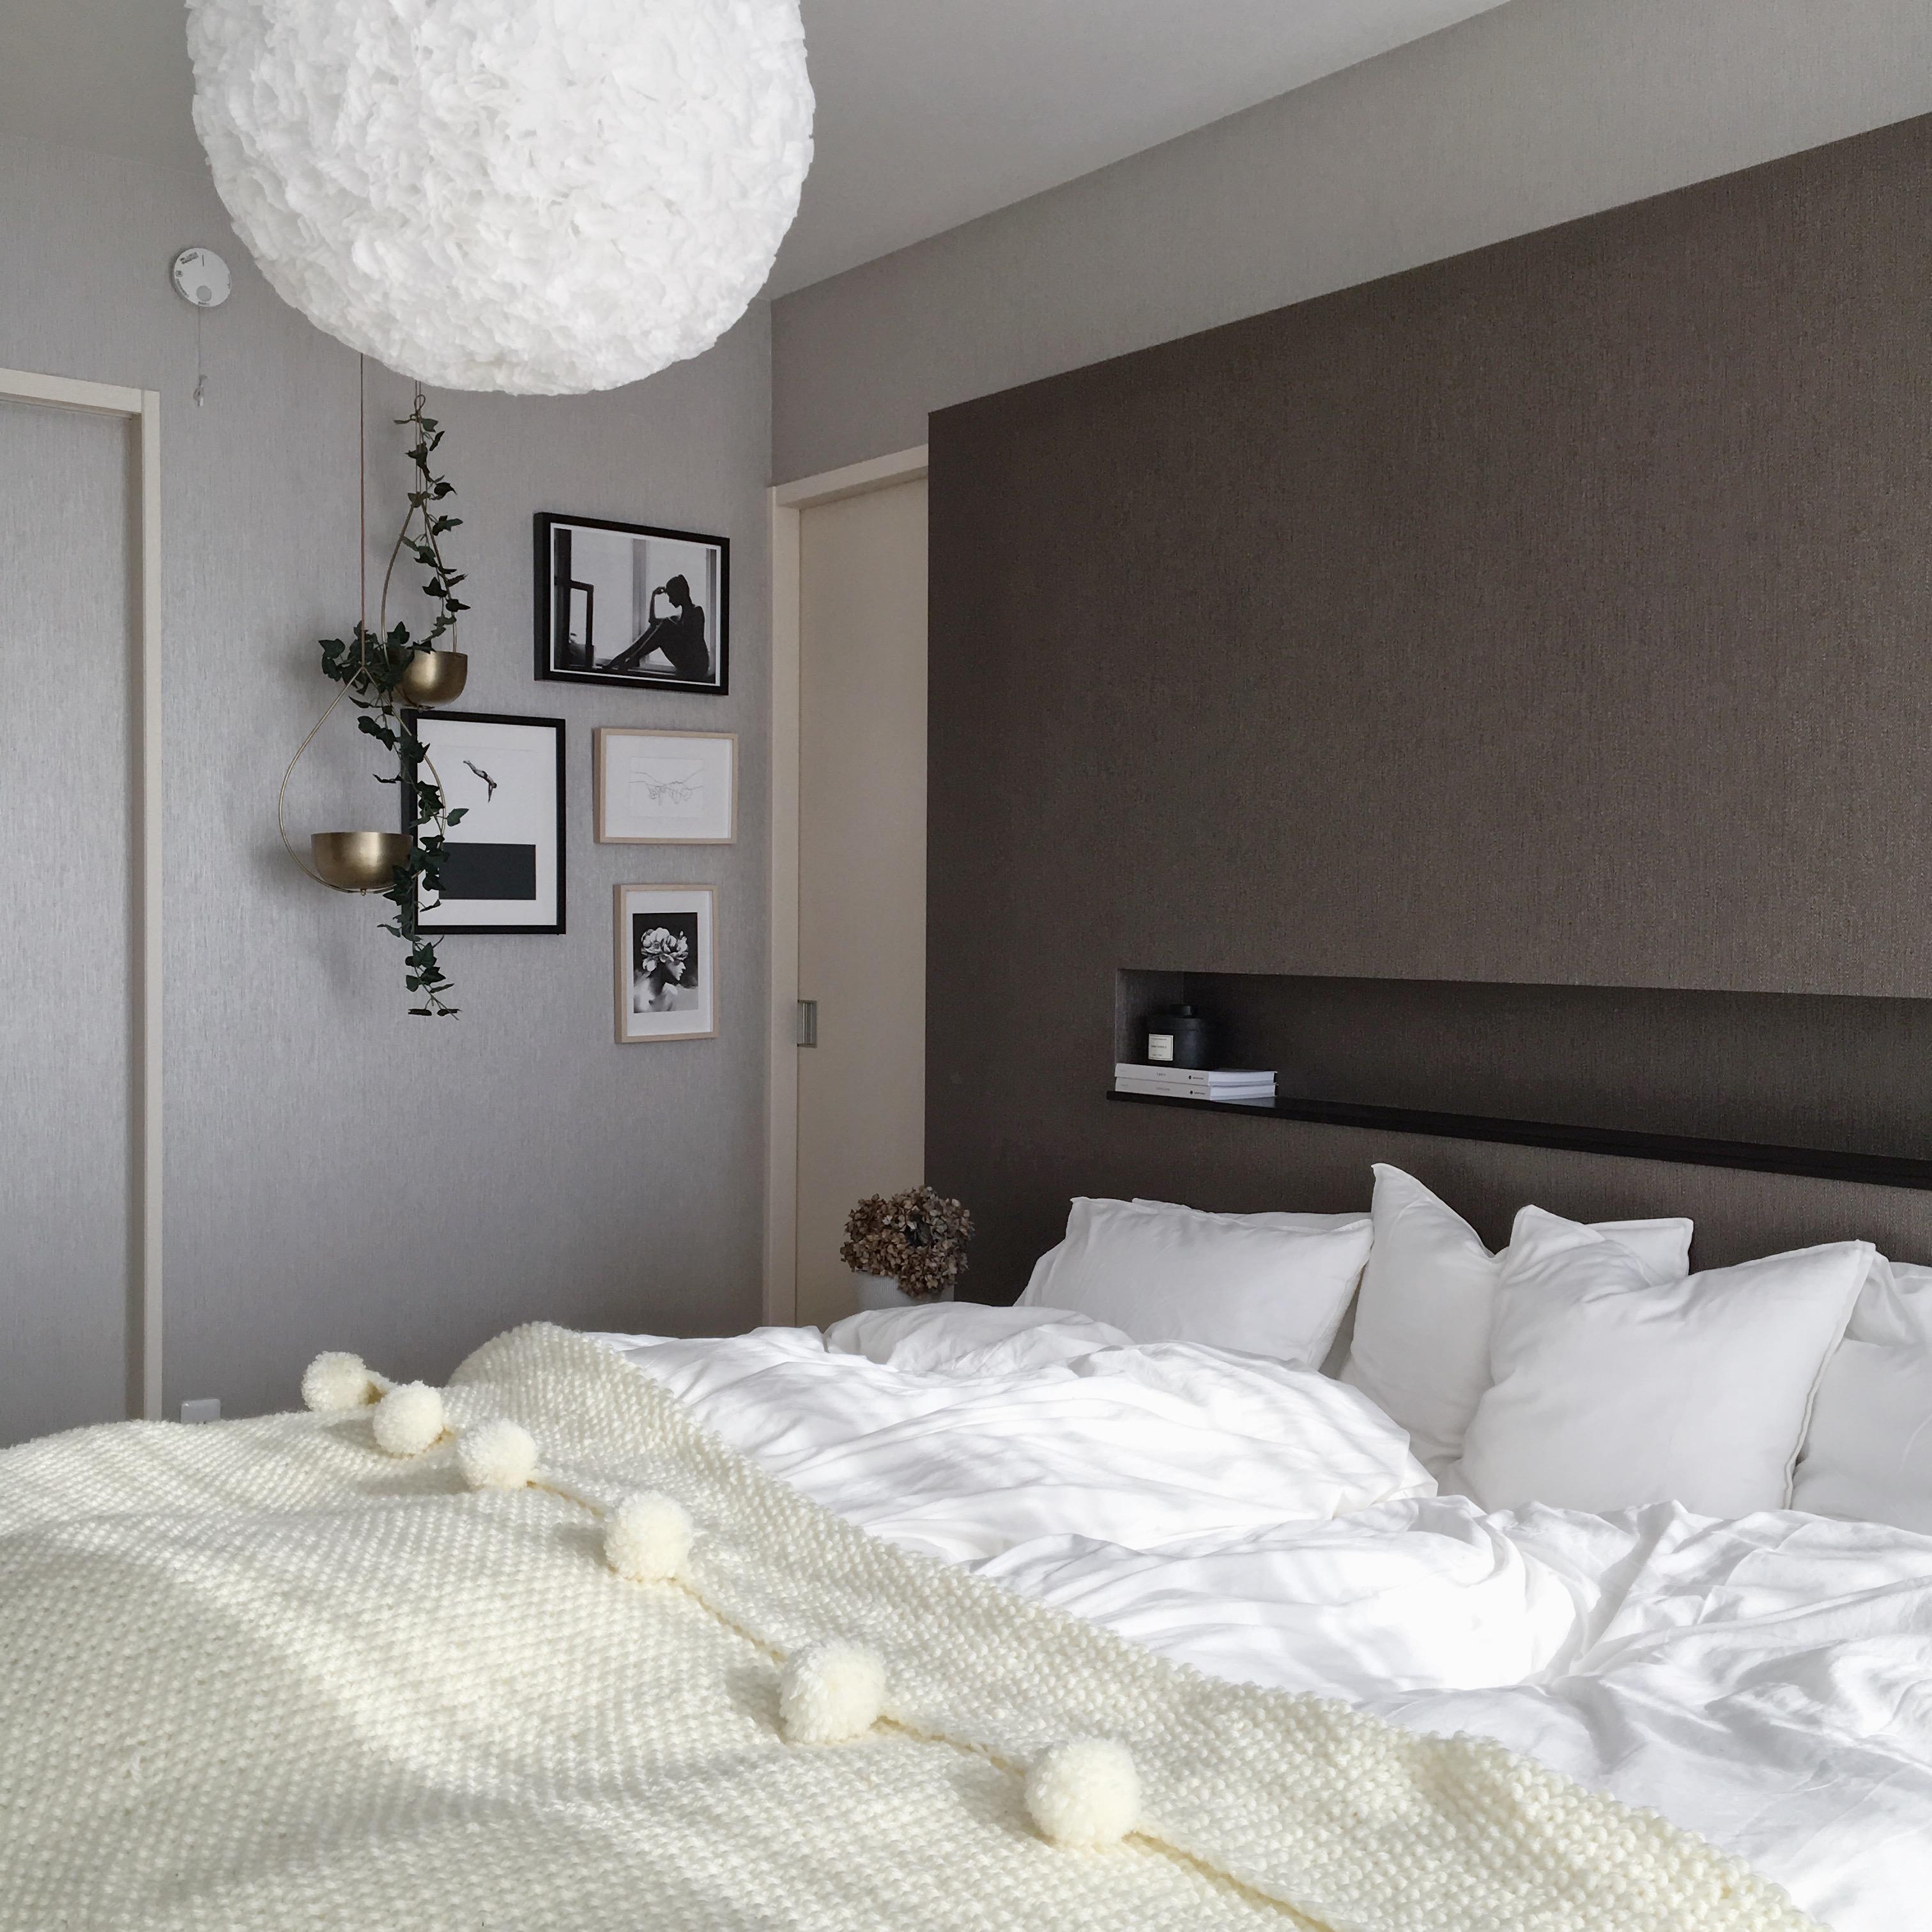 LIMIA記事★IKEA・ダイソーでDIYした主寝室のペンダントライト